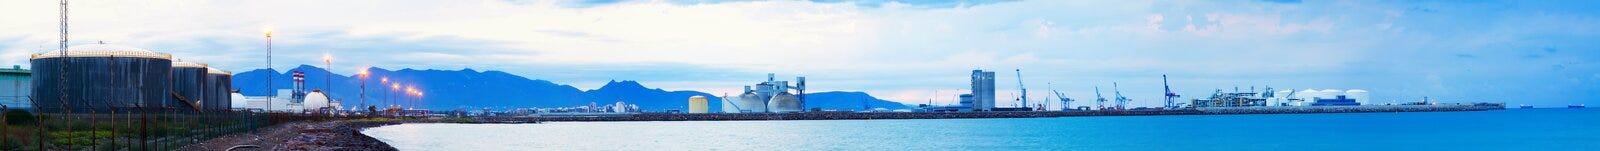 Strefa przemysłowa na Śródziemnomorskim wybrzeżu Fotografia Stock